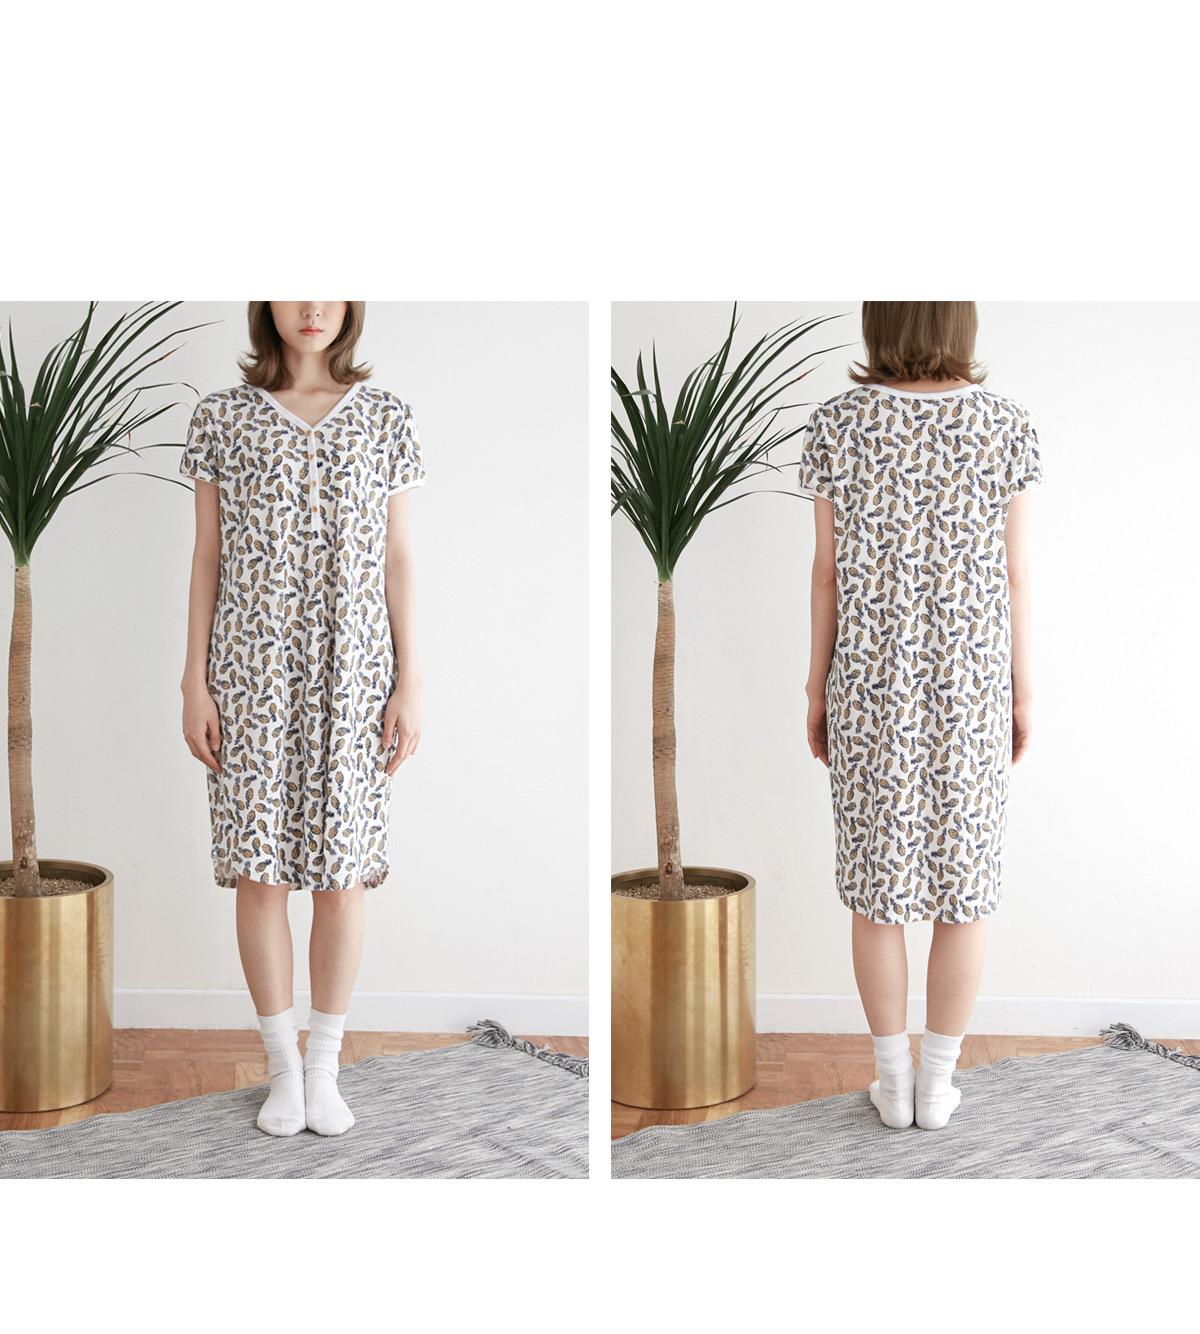 [여성실내복] 파인애플 면 여름원피스잠옷 - 바이메이비, 35,000원, 잠옷, 원피스잠옷